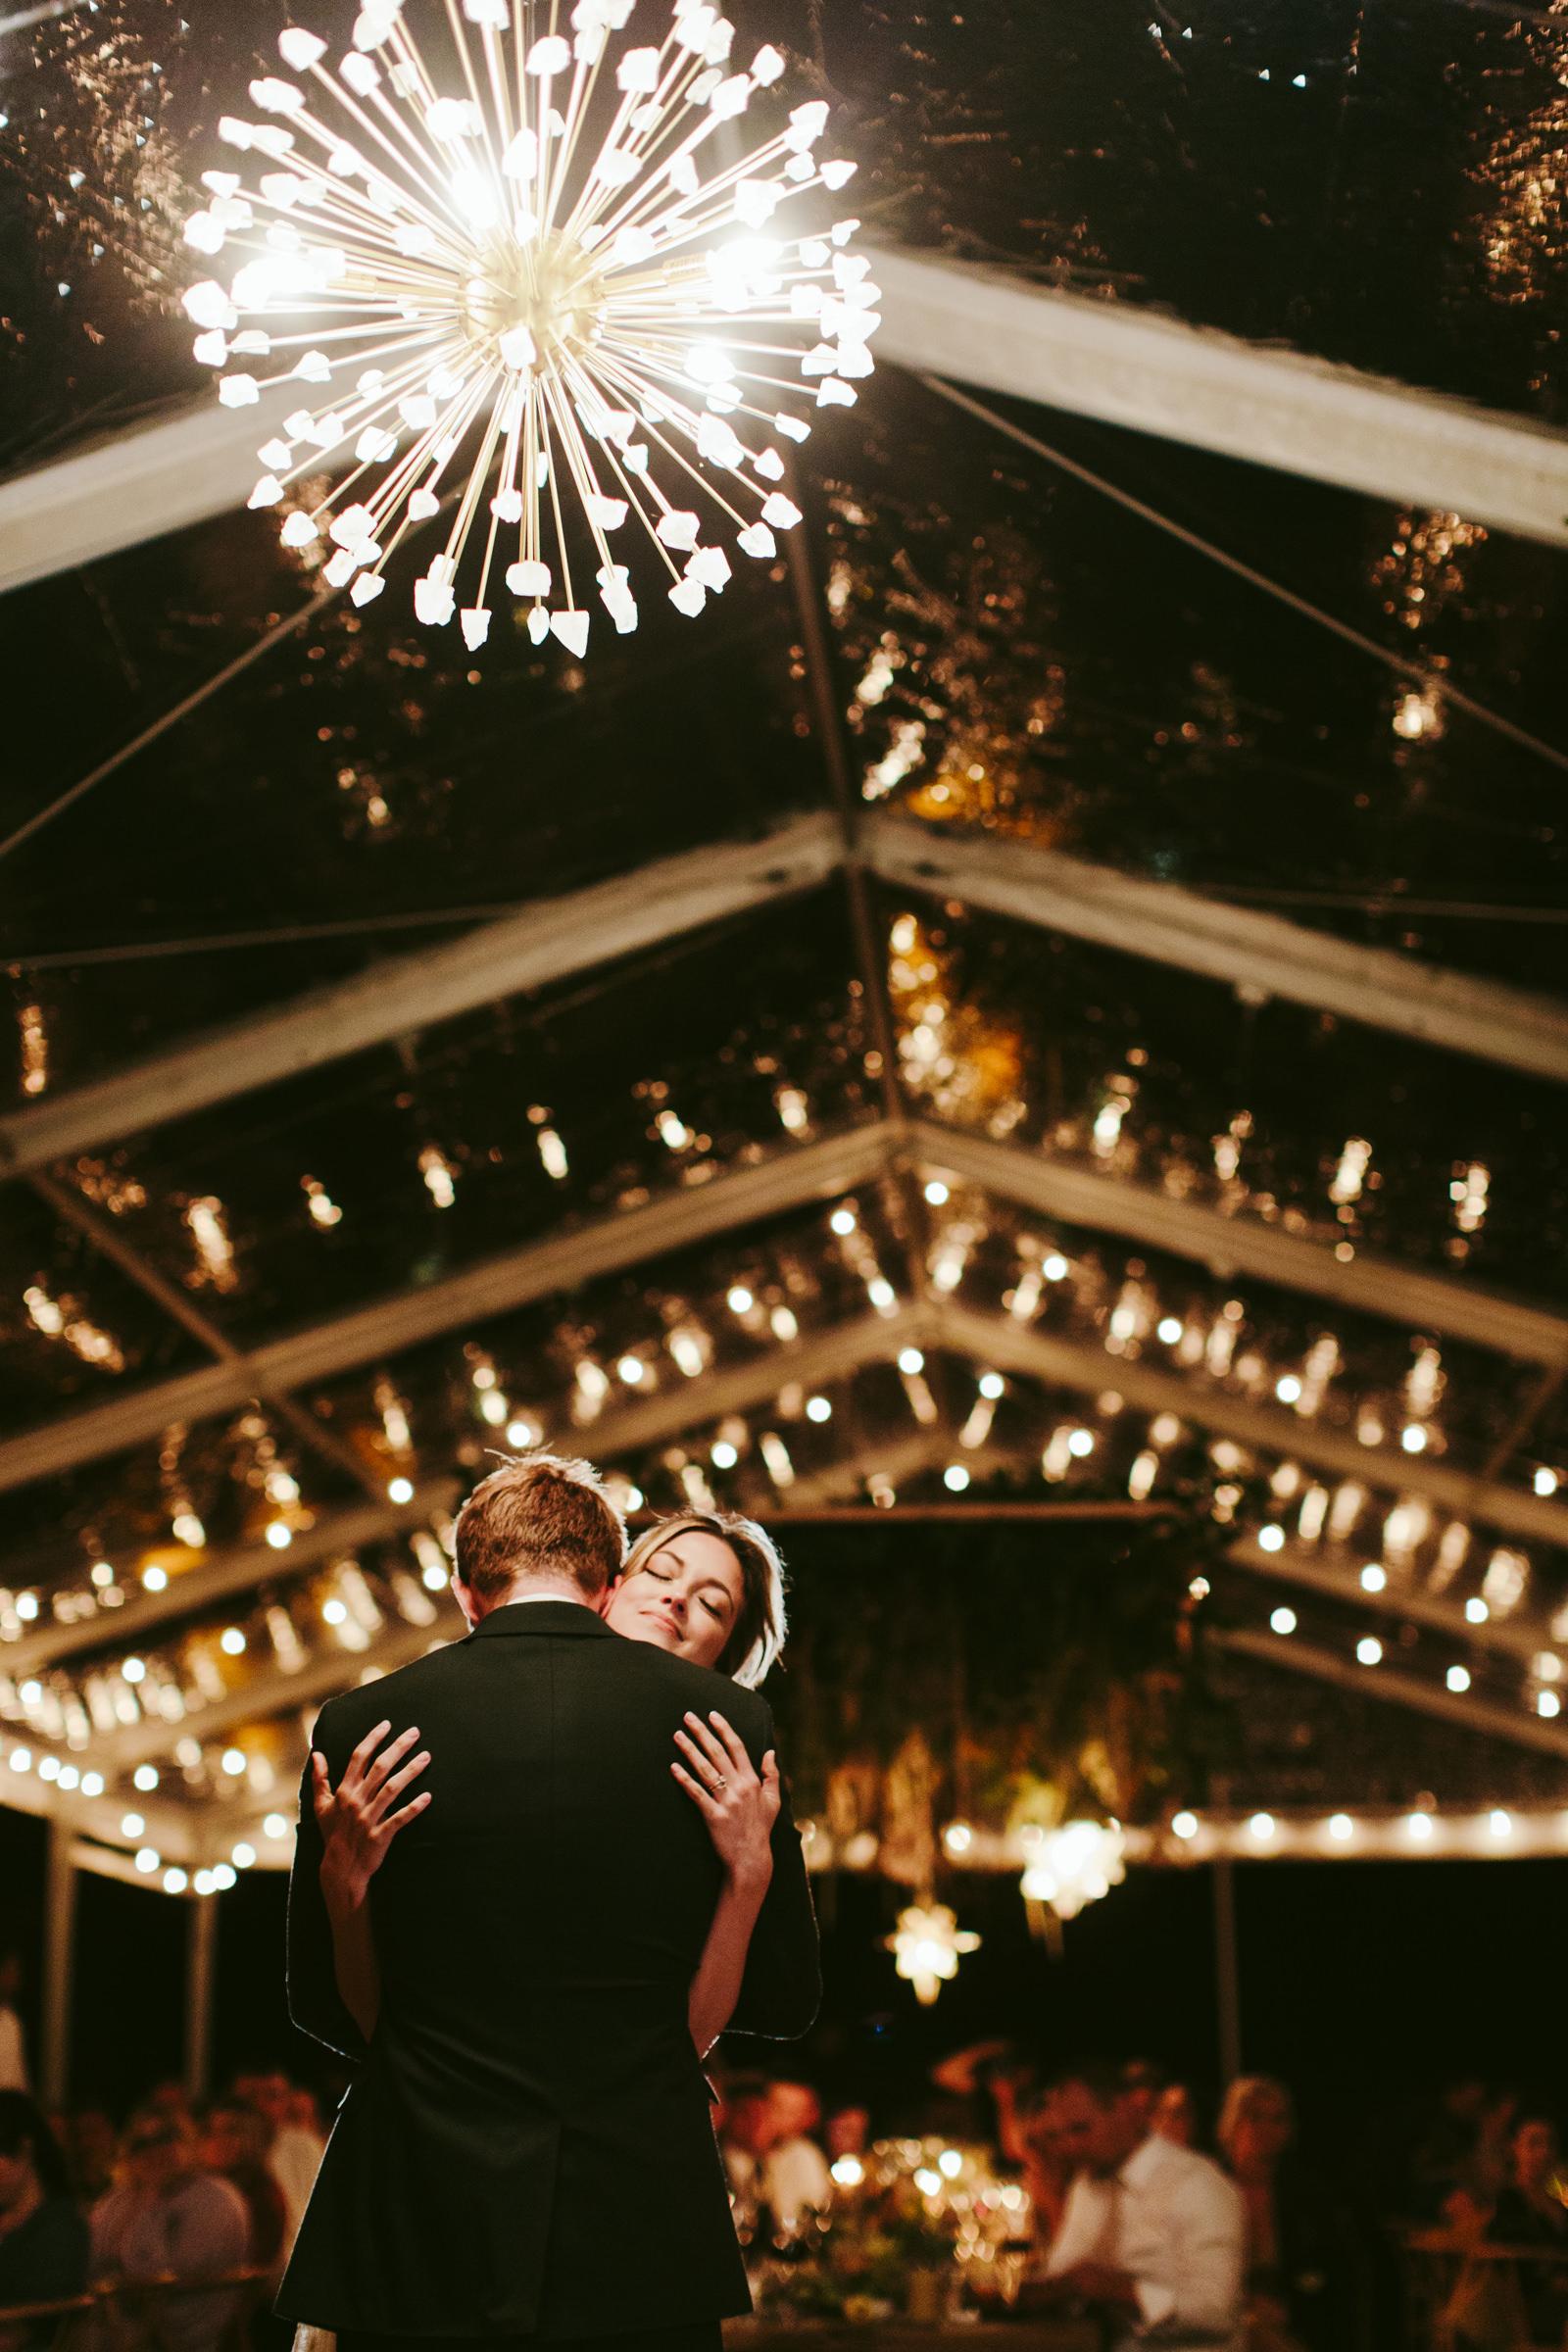 Hotel wailea maui reception hug- photo by Melia Lucida